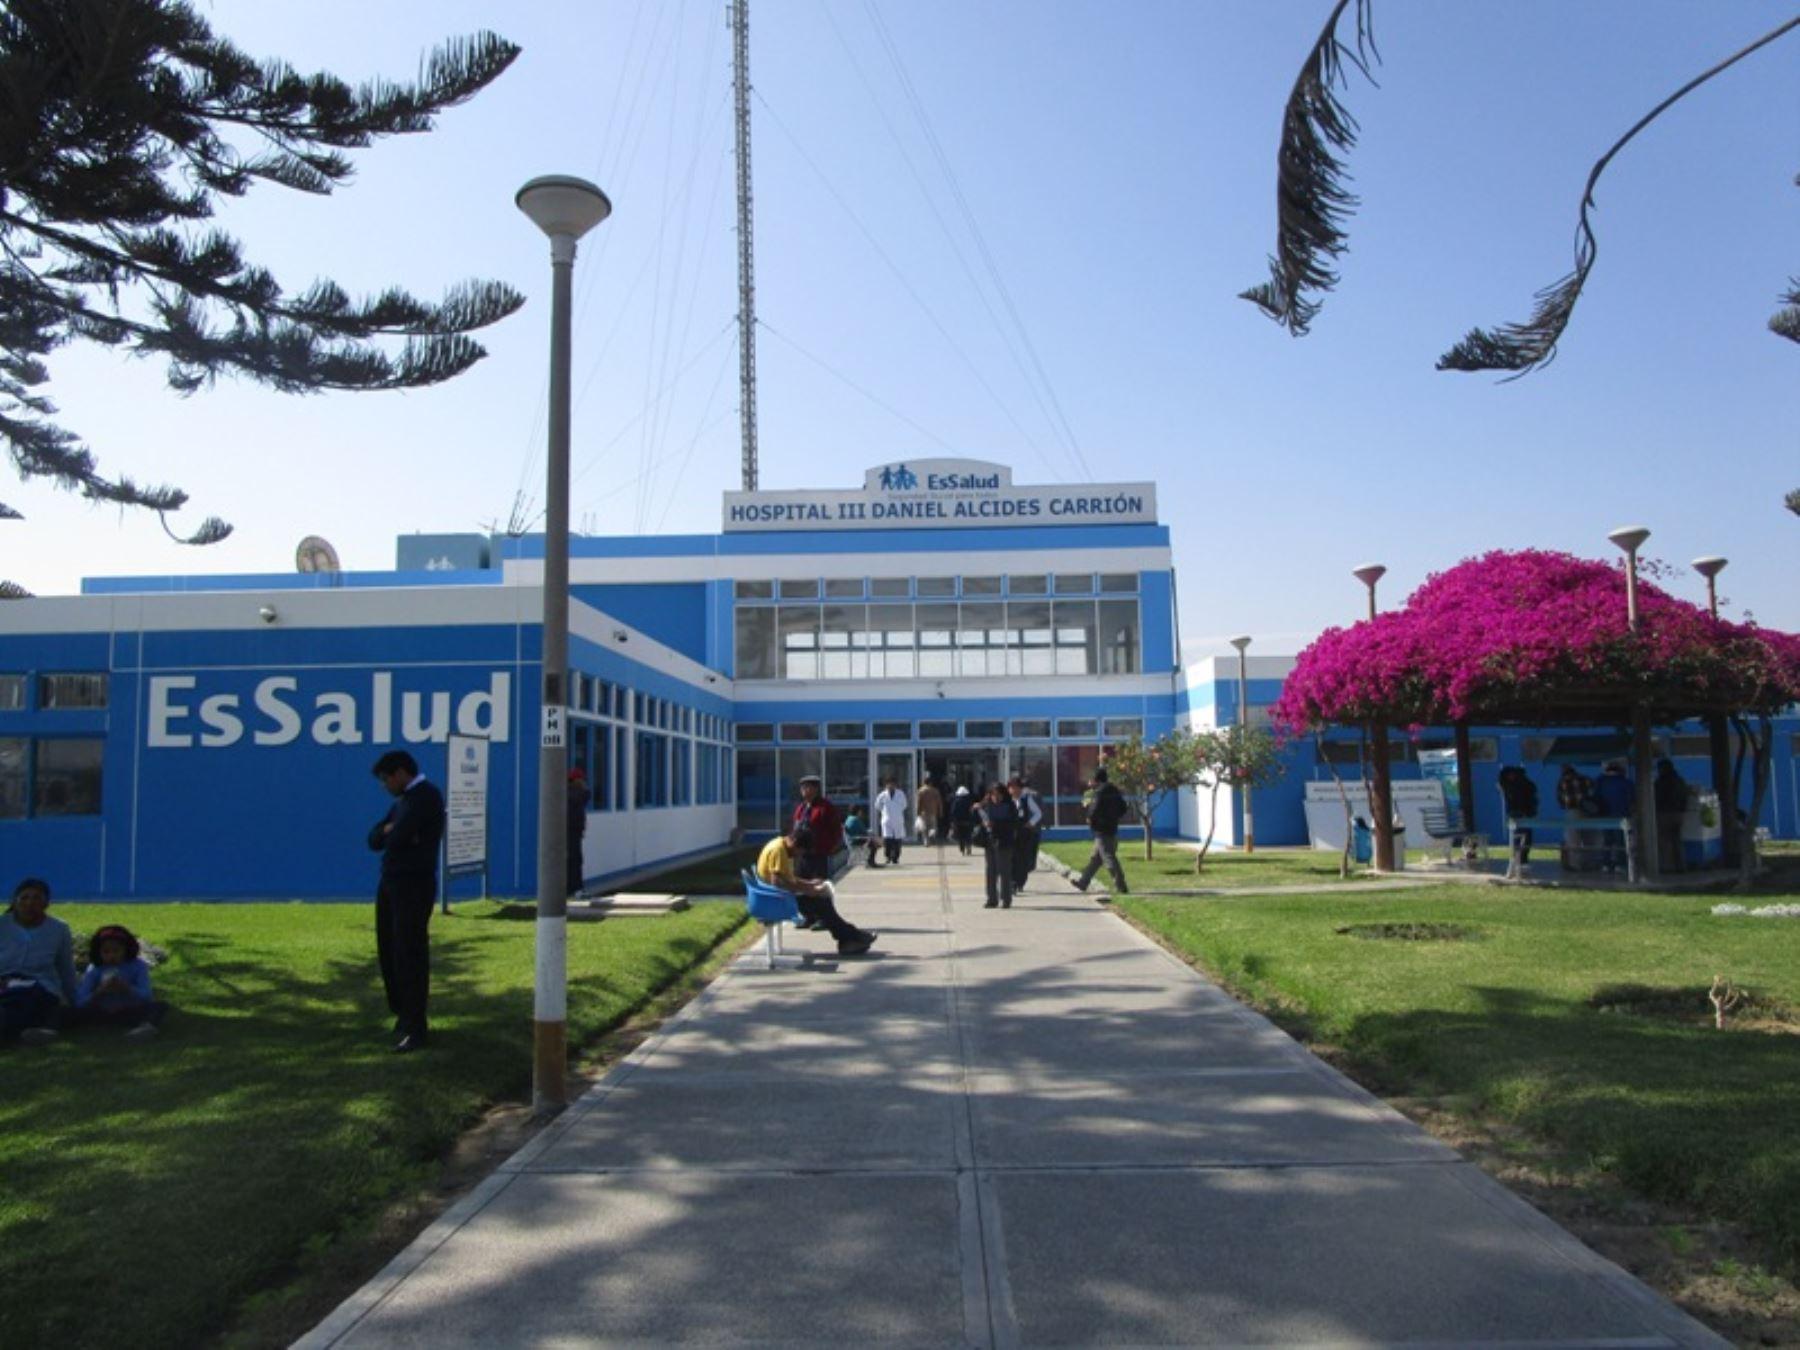 MÁS DE 118 MIL ASEGURADOS SE BENEFICIARÁN CON REMODELACIÓN DE HOSPITAL DE ESSALUD EN CALANA